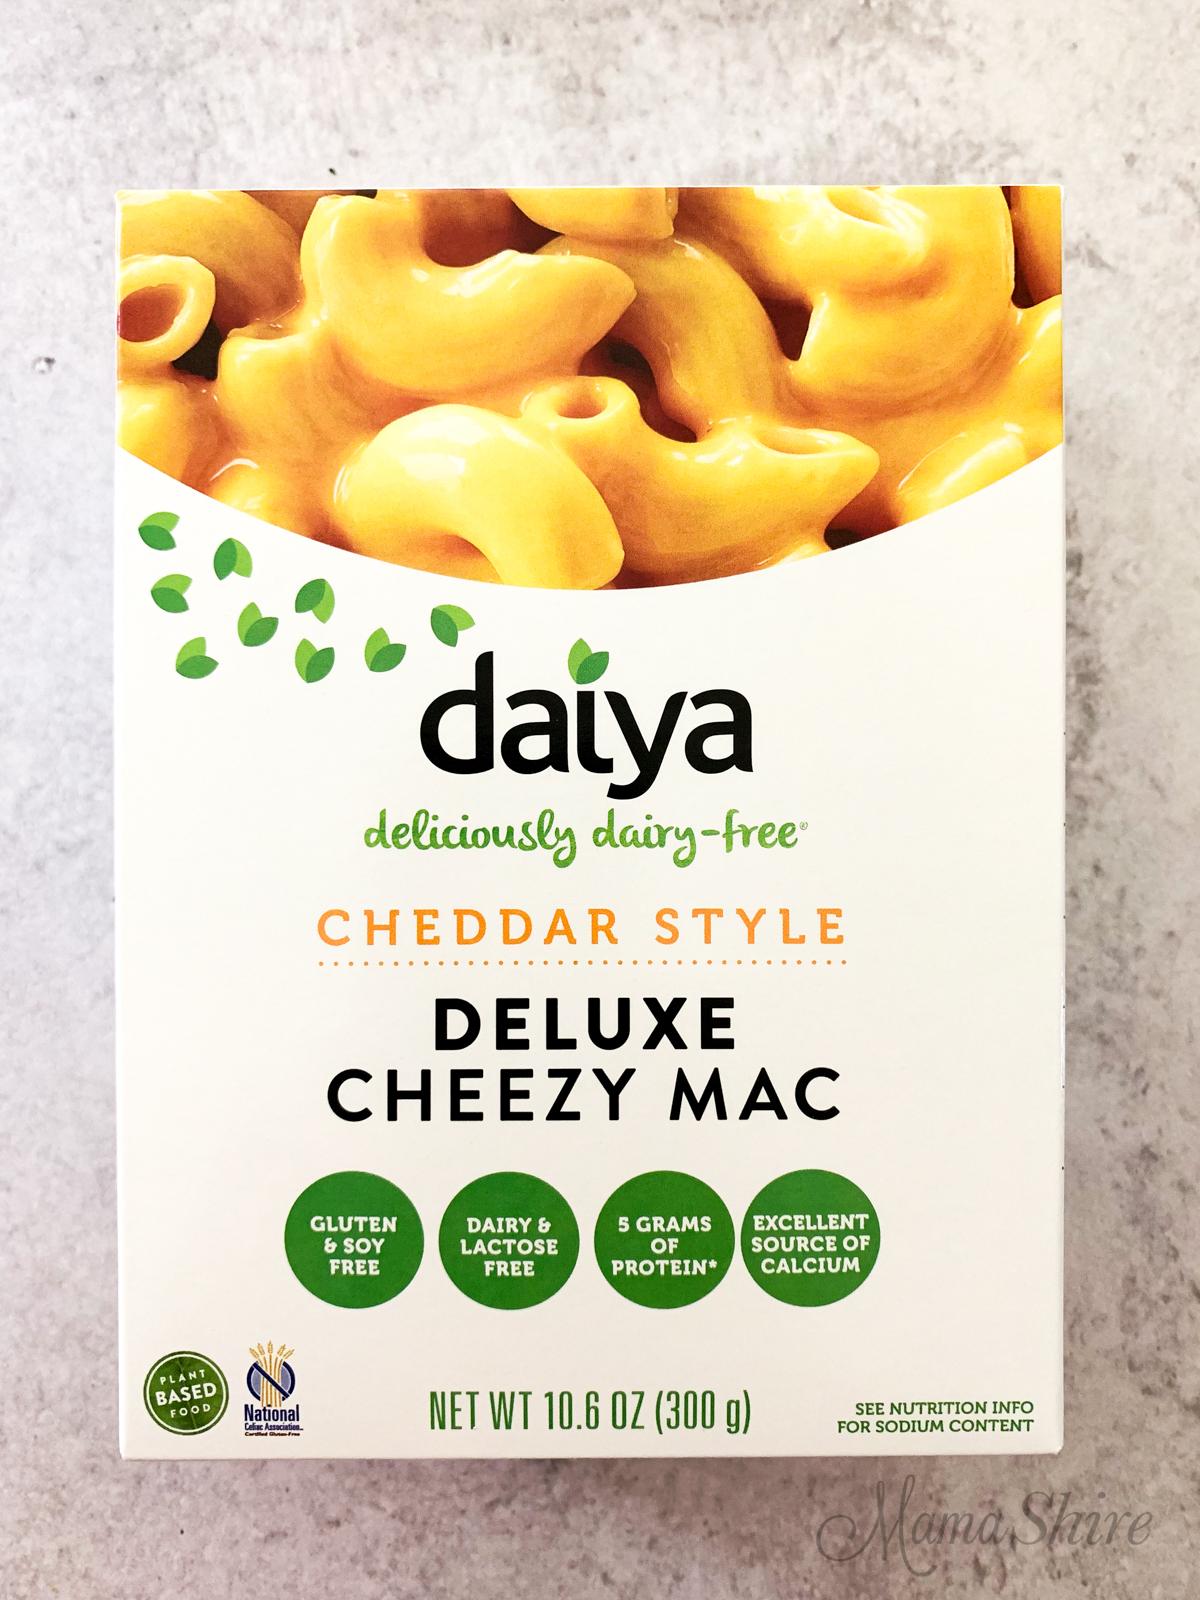 Daiya brand of dairy-free macaroni and cheese.